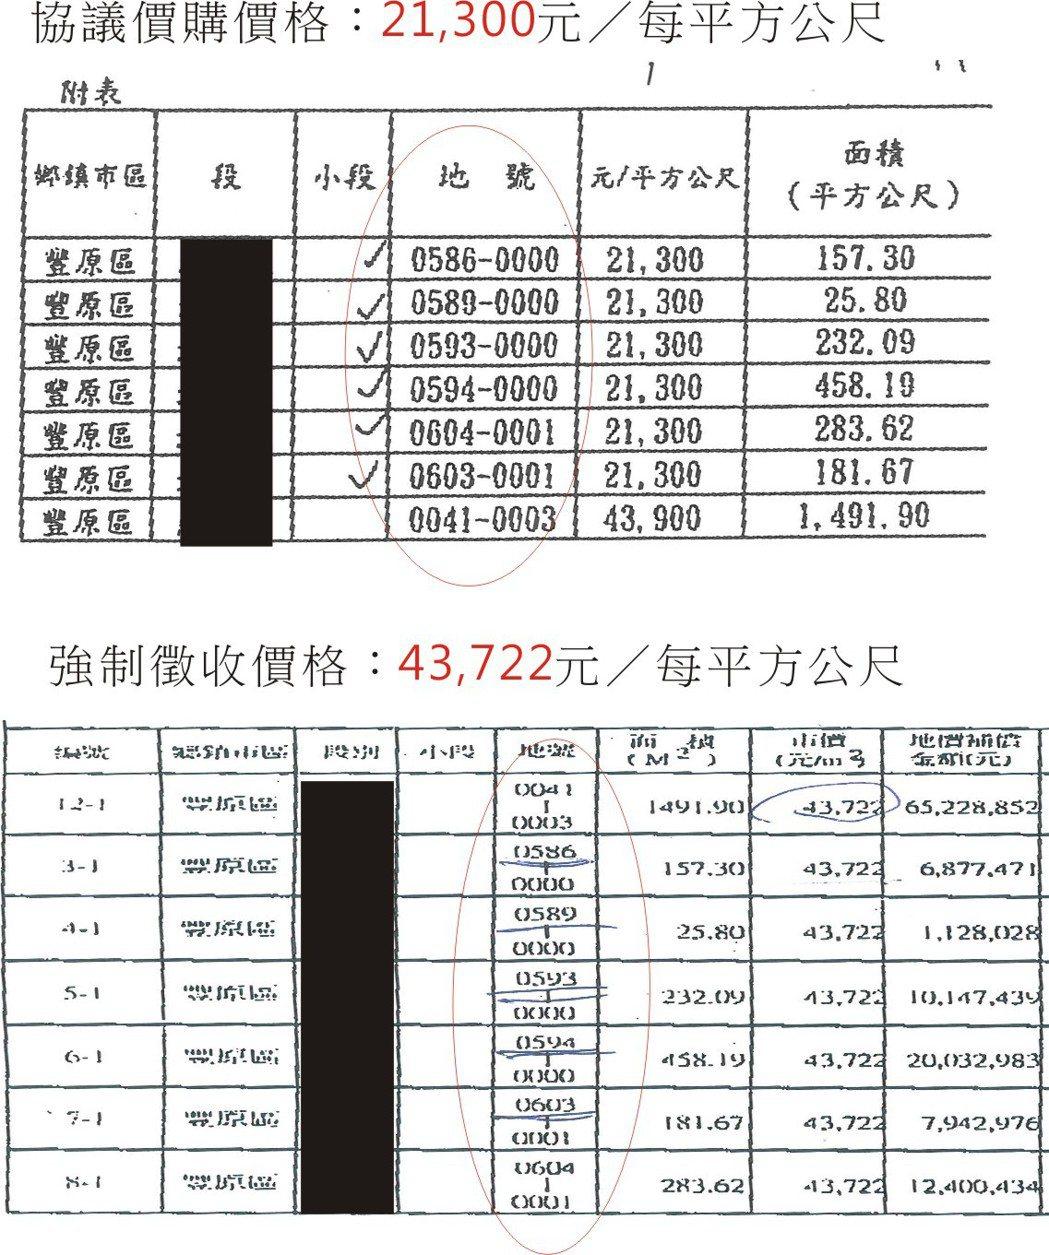 台中市府開闢豐原4-3計畫道路,但土地徵收過程,同地出現2種價格,價位落差2倍以...